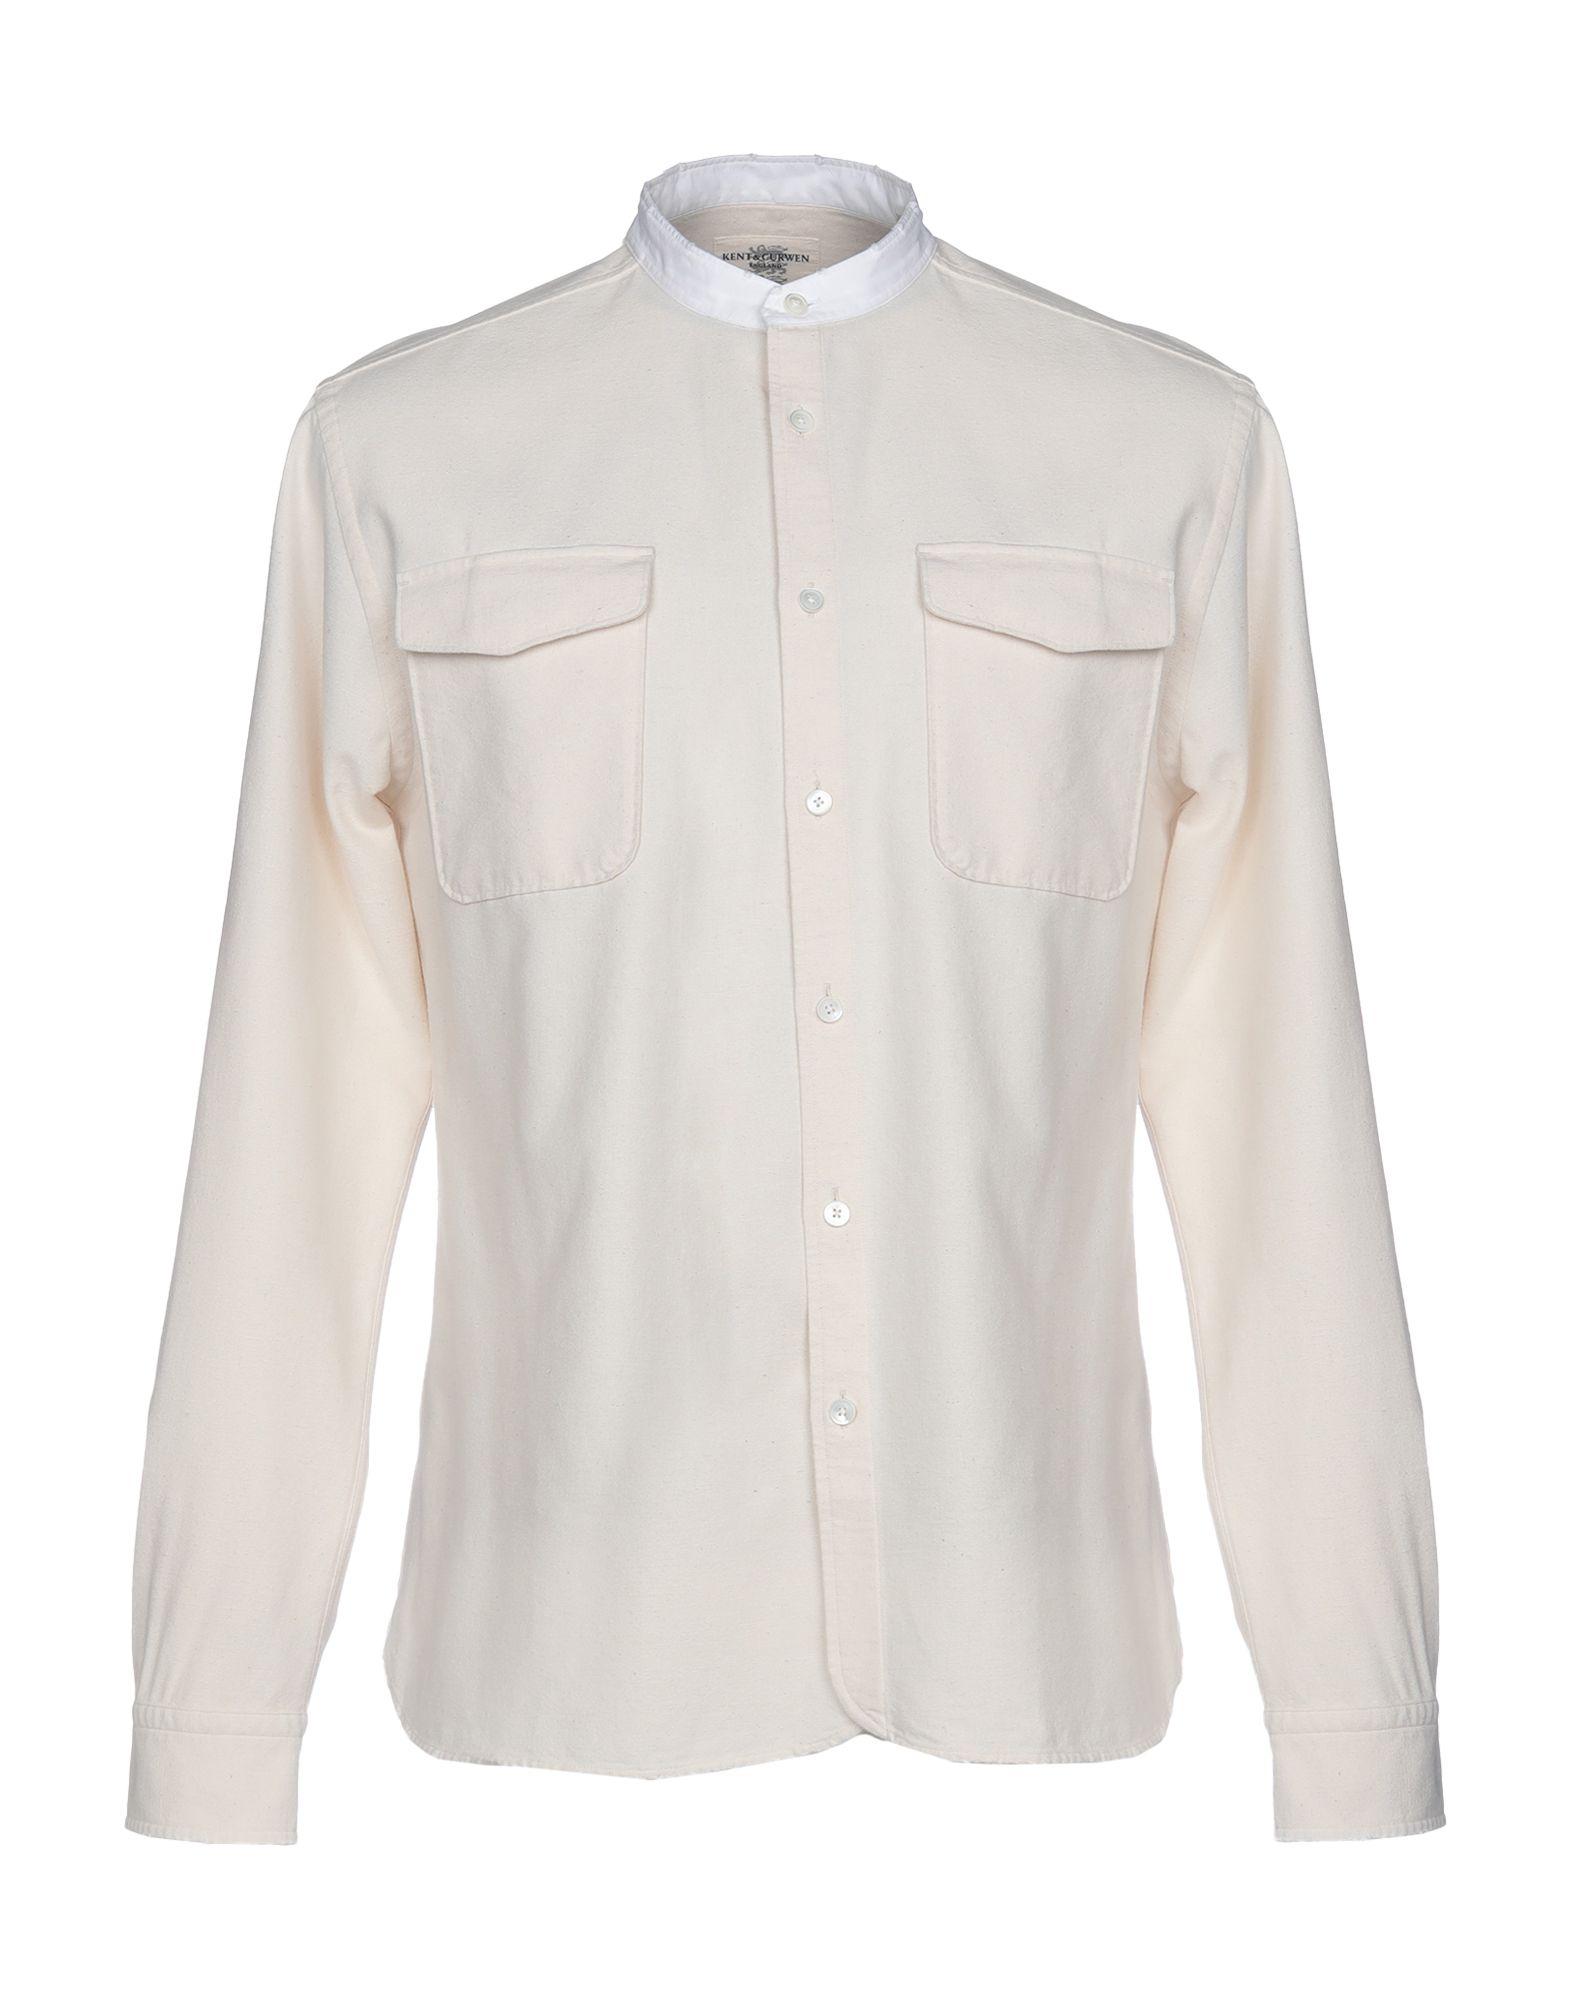 《期間限定セール中》KENT & CURWEN メンズ シャツ アイボリー S 100% コットン